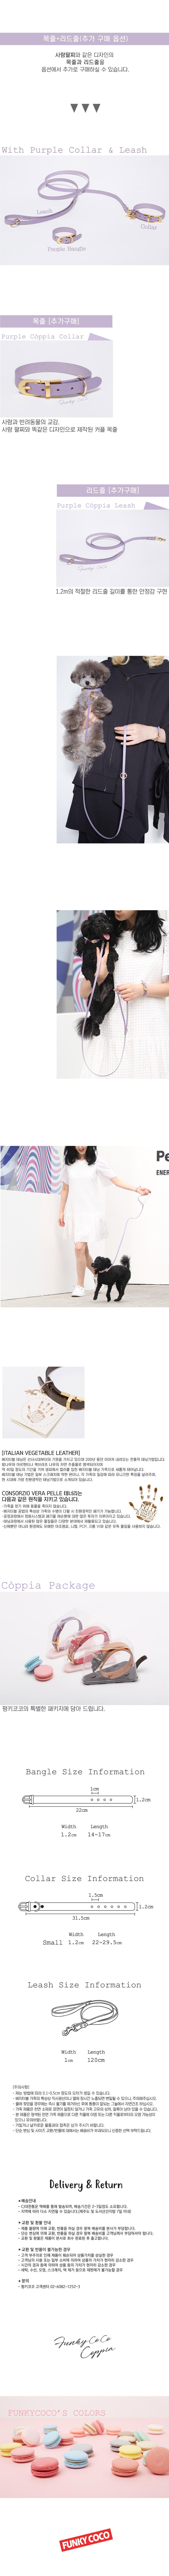 펑키코코(FUNKYCOCO) 퍼플 코피아 보호자 팔찌